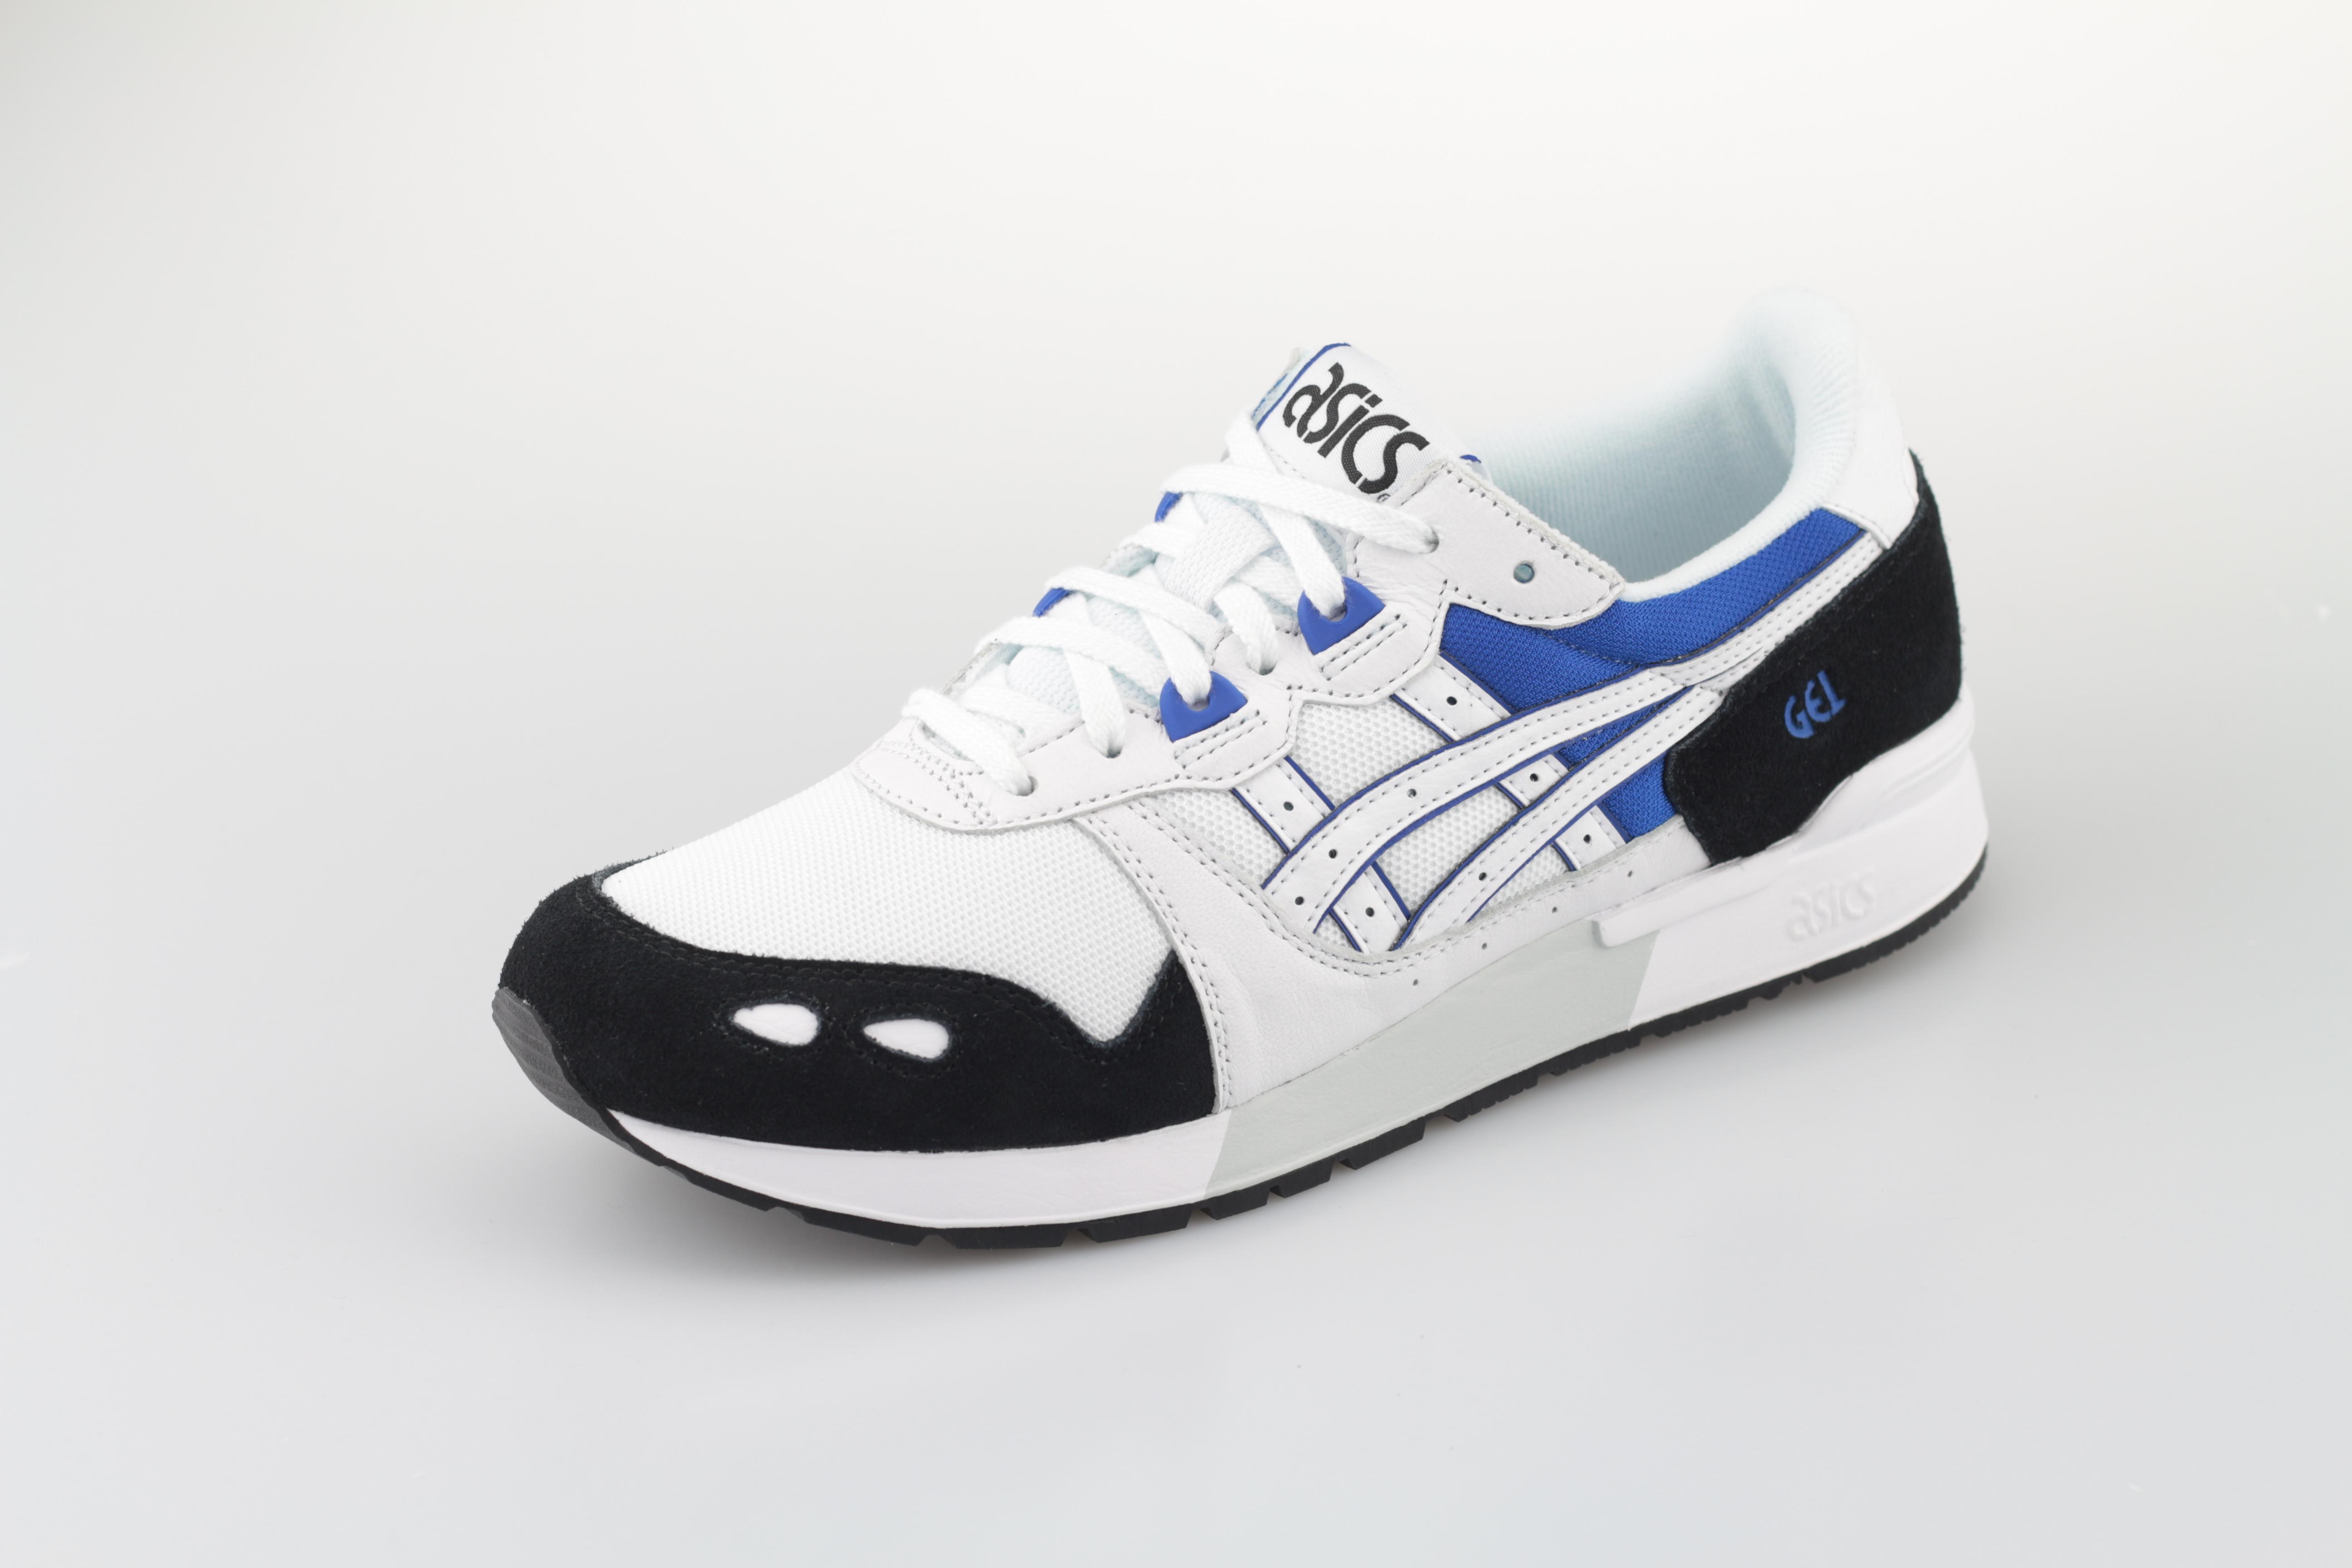 asics-tiger-gel-lyte-1193A092-101-white-asics-blue-2